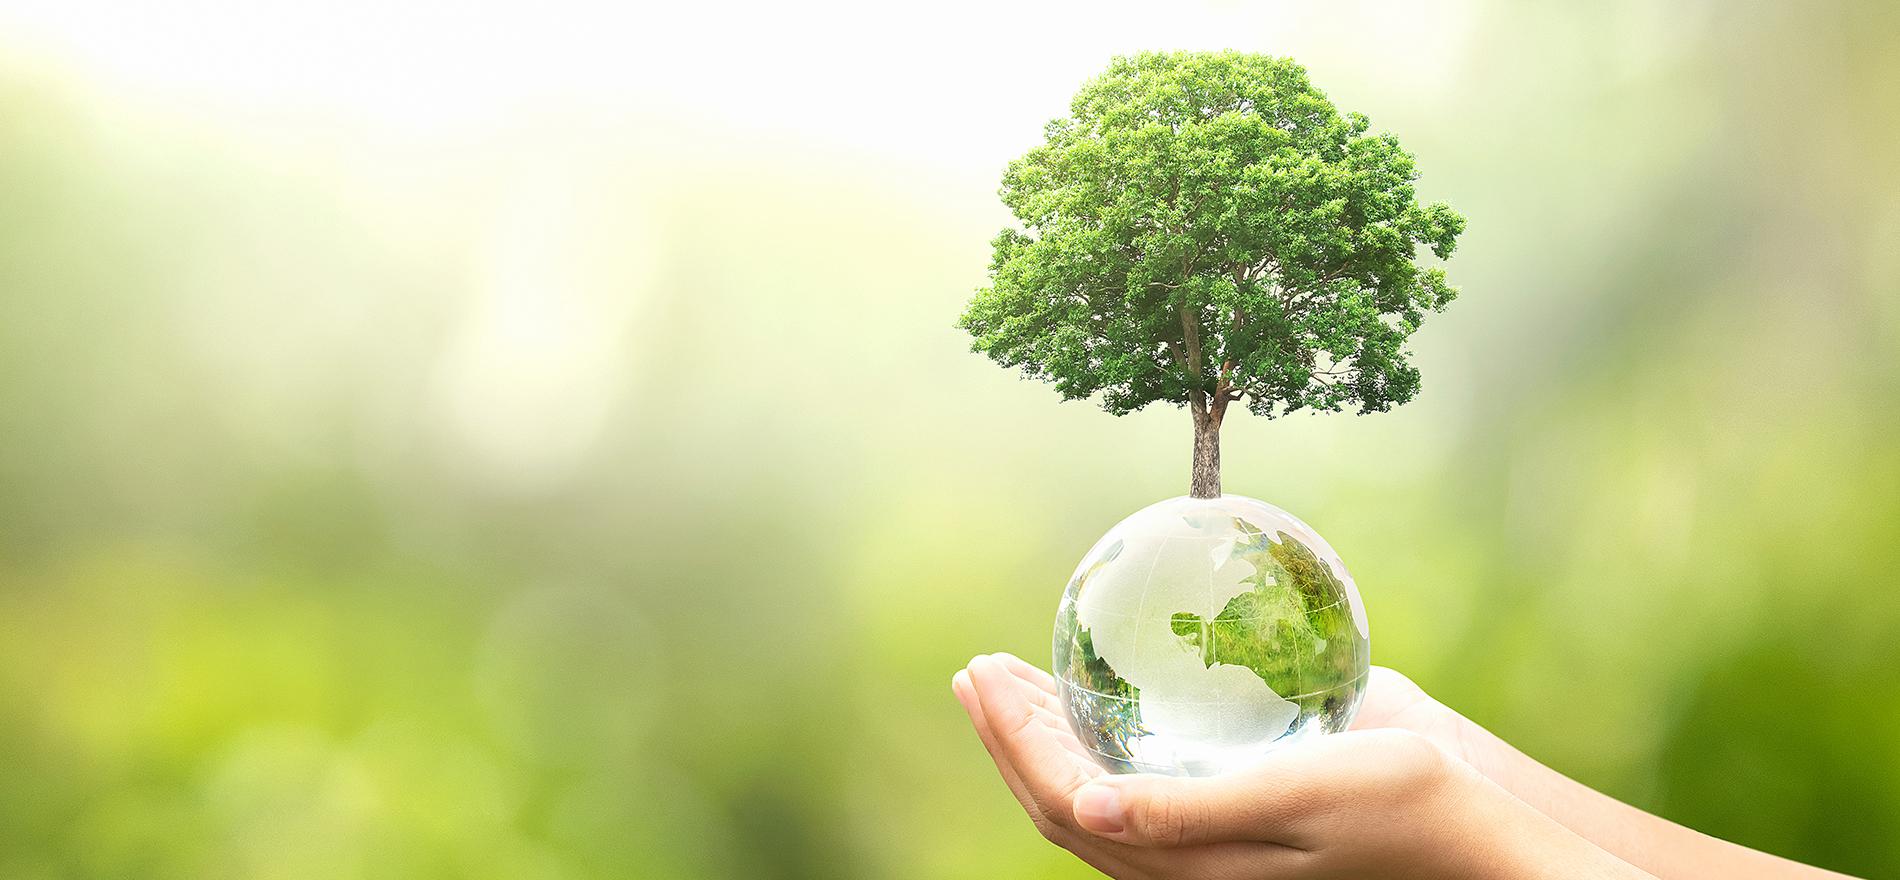 株式会社オー・エヌ・シーは 『健全』『活力』『思いやり』を理念とし 安定と成長、社会への貢献を目指しています。